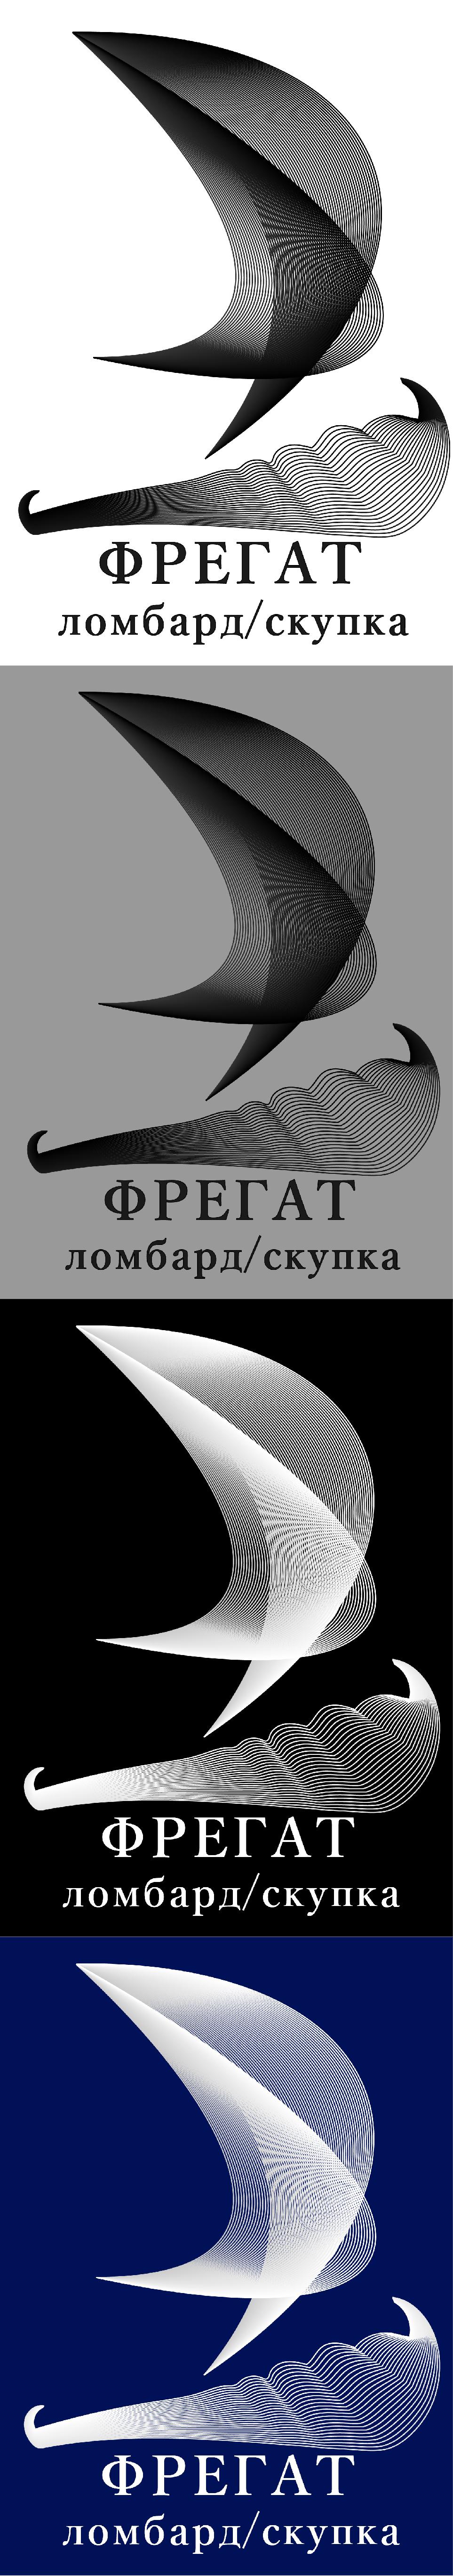 """Логотип, фирменный стиль Ломбард """"Фрегат"""" фото f_7375bc624f26a17a.jpg"""